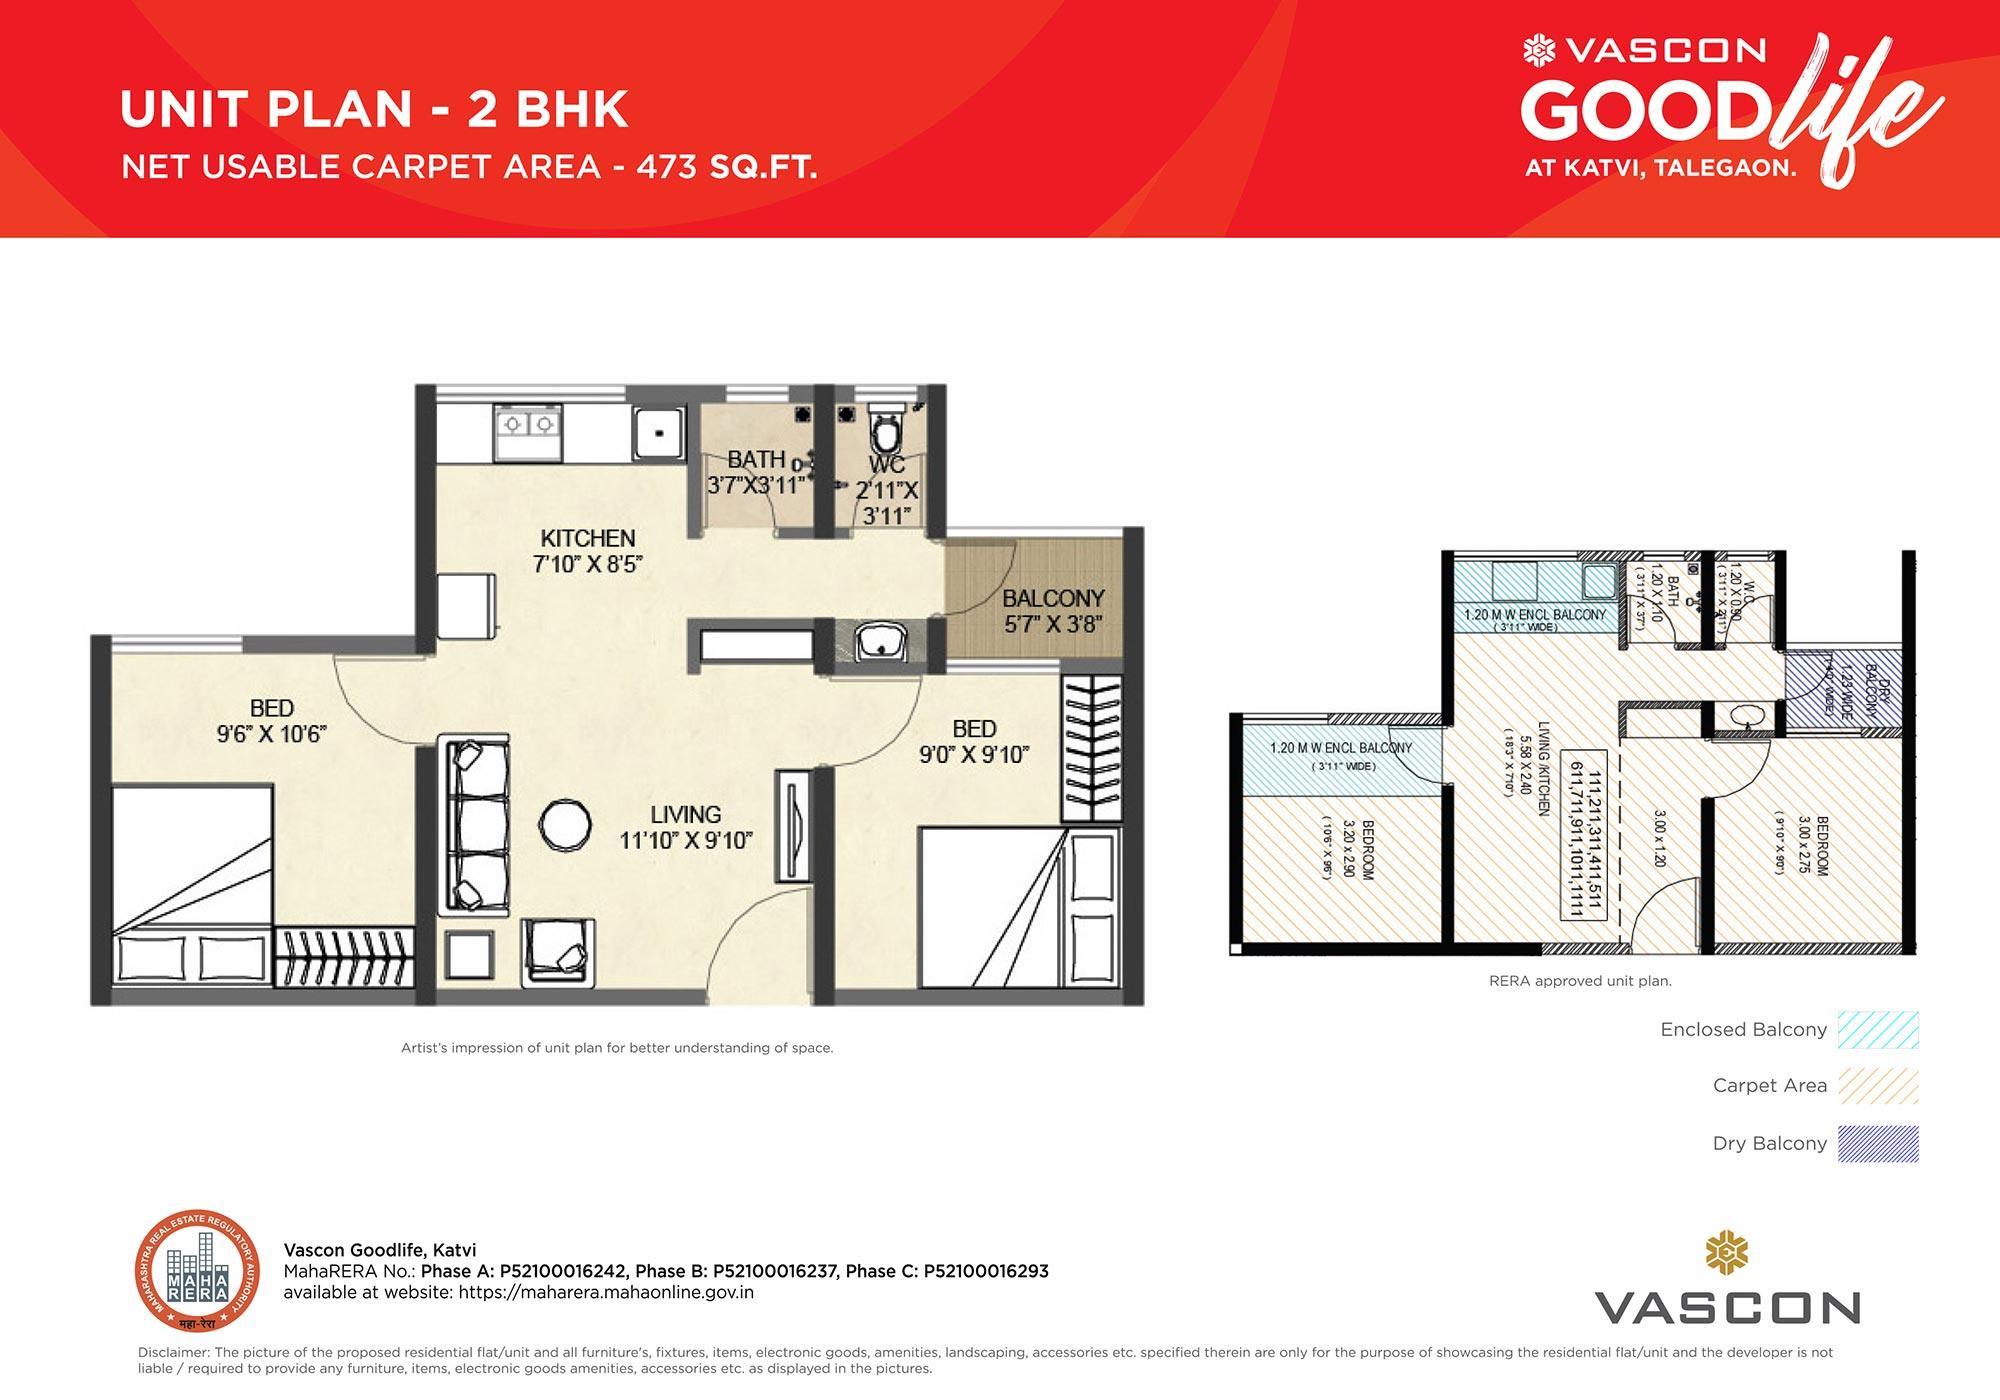 2 bhk- Unit Floor Plan for Vascon Goodlife